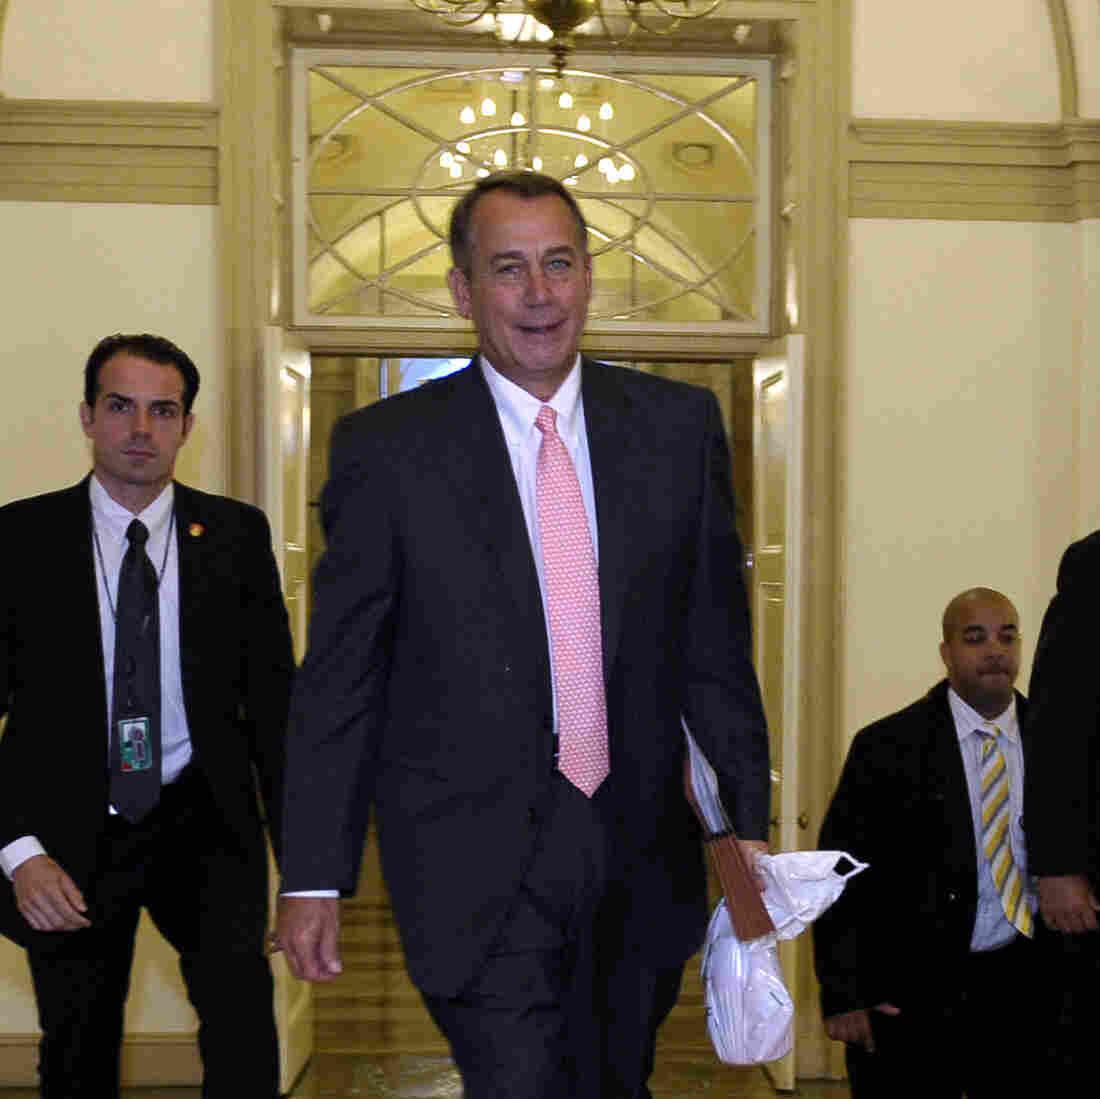 House Speaker John Boehner of Ohio arrives on Capitol Hill on Thursday.